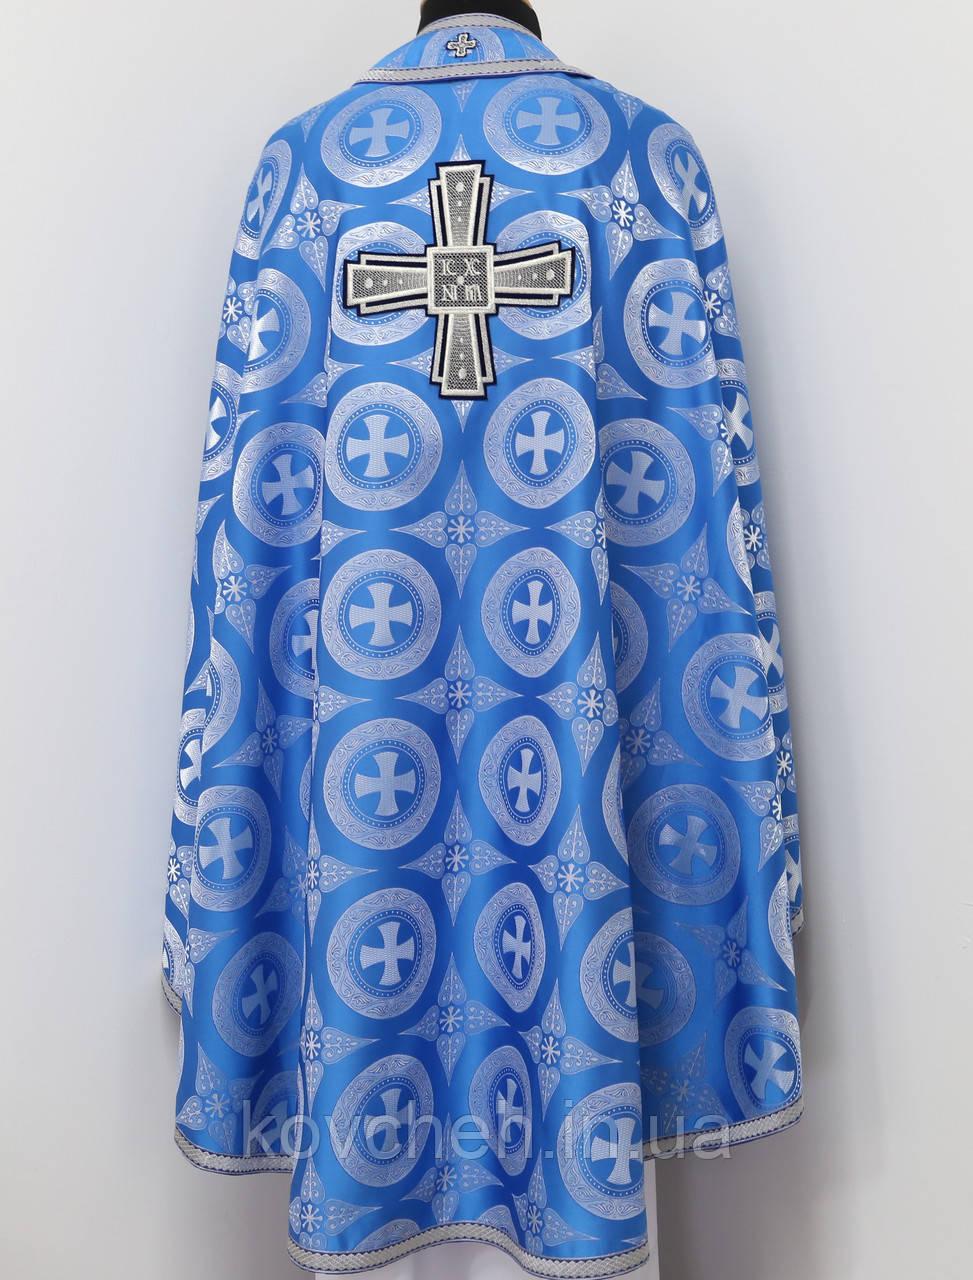 Церковное облачение, голубой